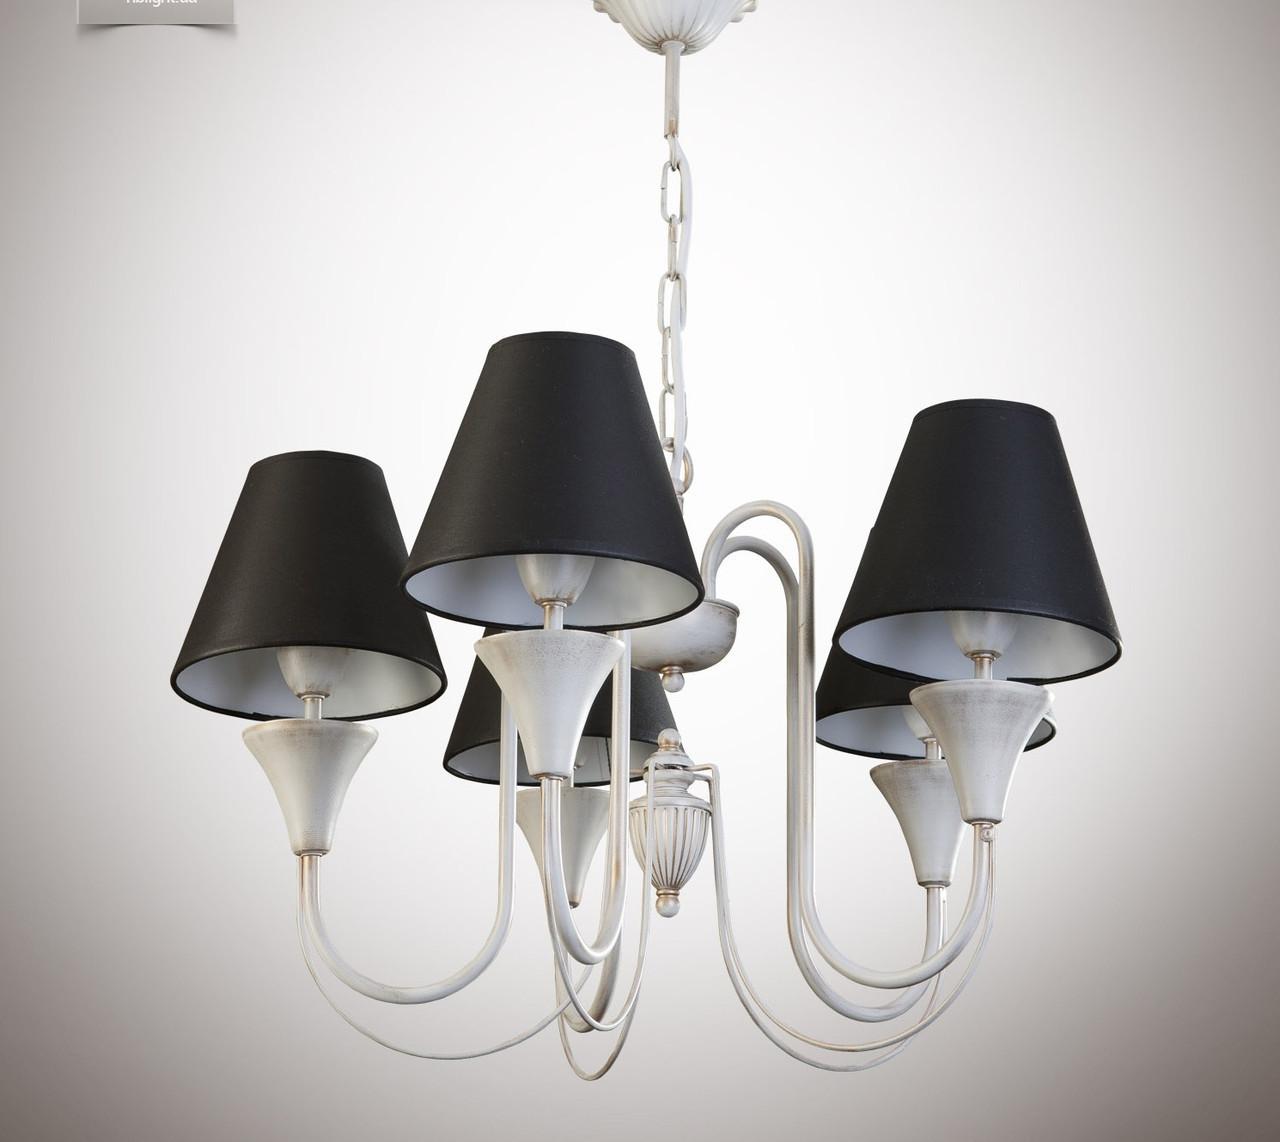 Люстра для зала, спальни, прихожей, 5-ти ламповая 14405-5